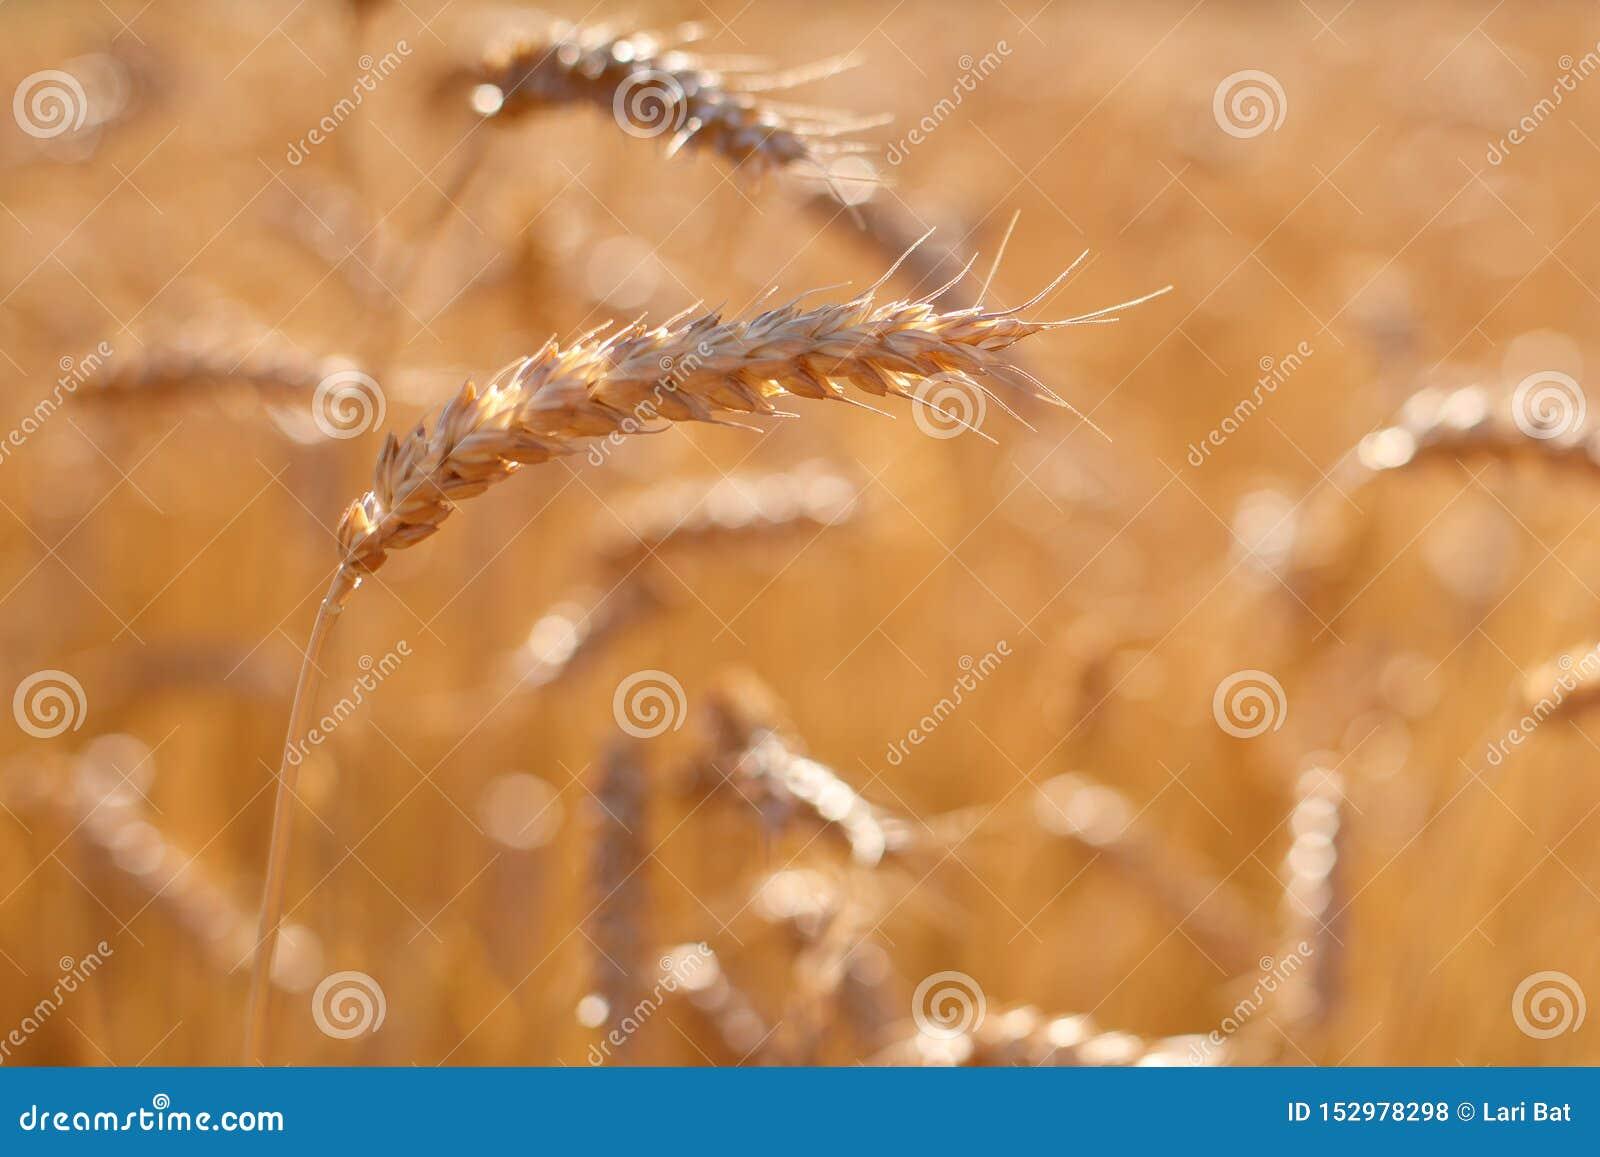 Reife goldene Ohren des Roggens gebeugt unter dem Gewicht von Körnern vor dem hintergrund des Feldes